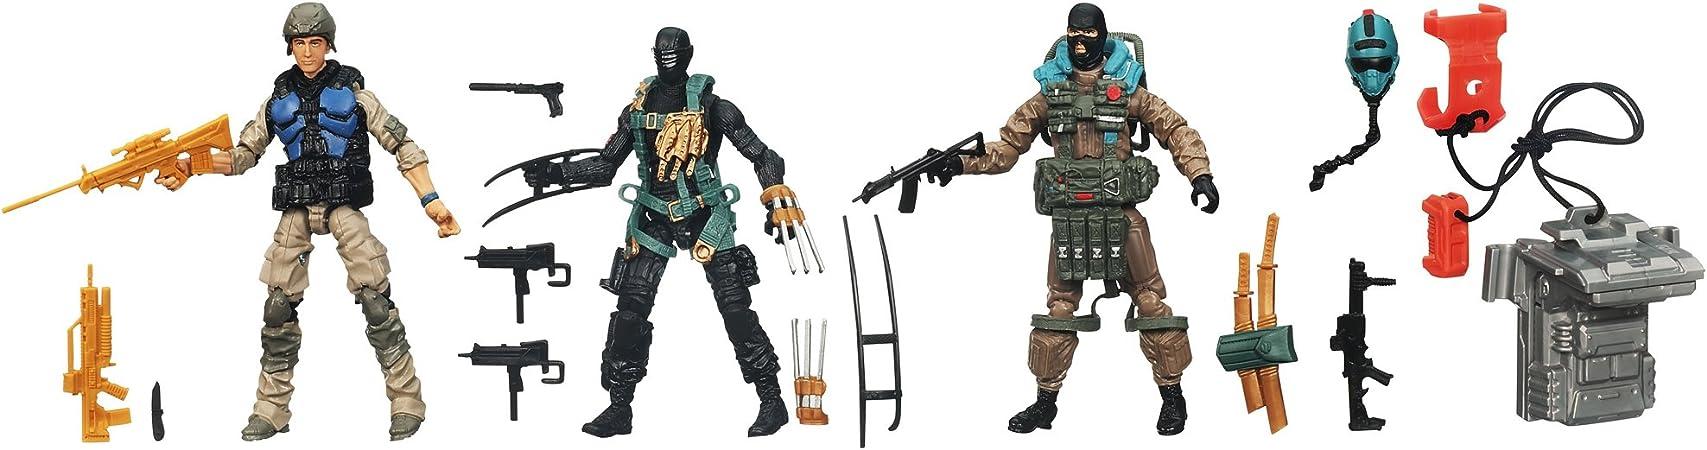 GI Joe Retaliation Tactical Ninja Team Set